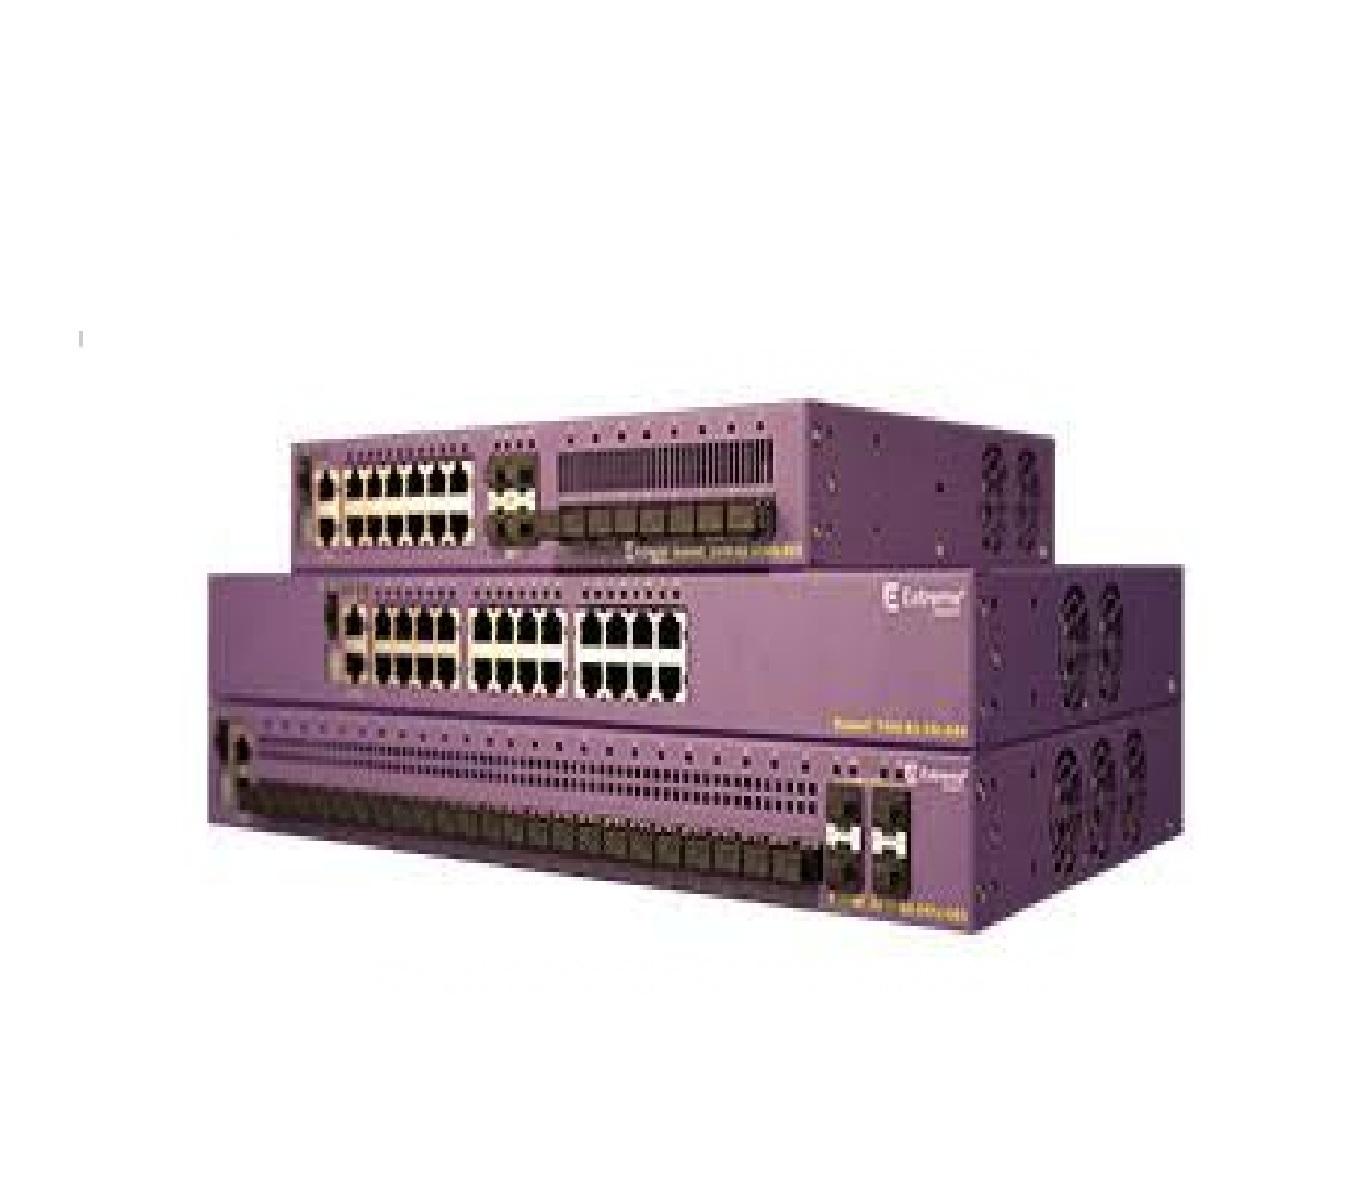 Bộ chuyển mạch  X440-G2 Model X440-G2-24x-10GE4